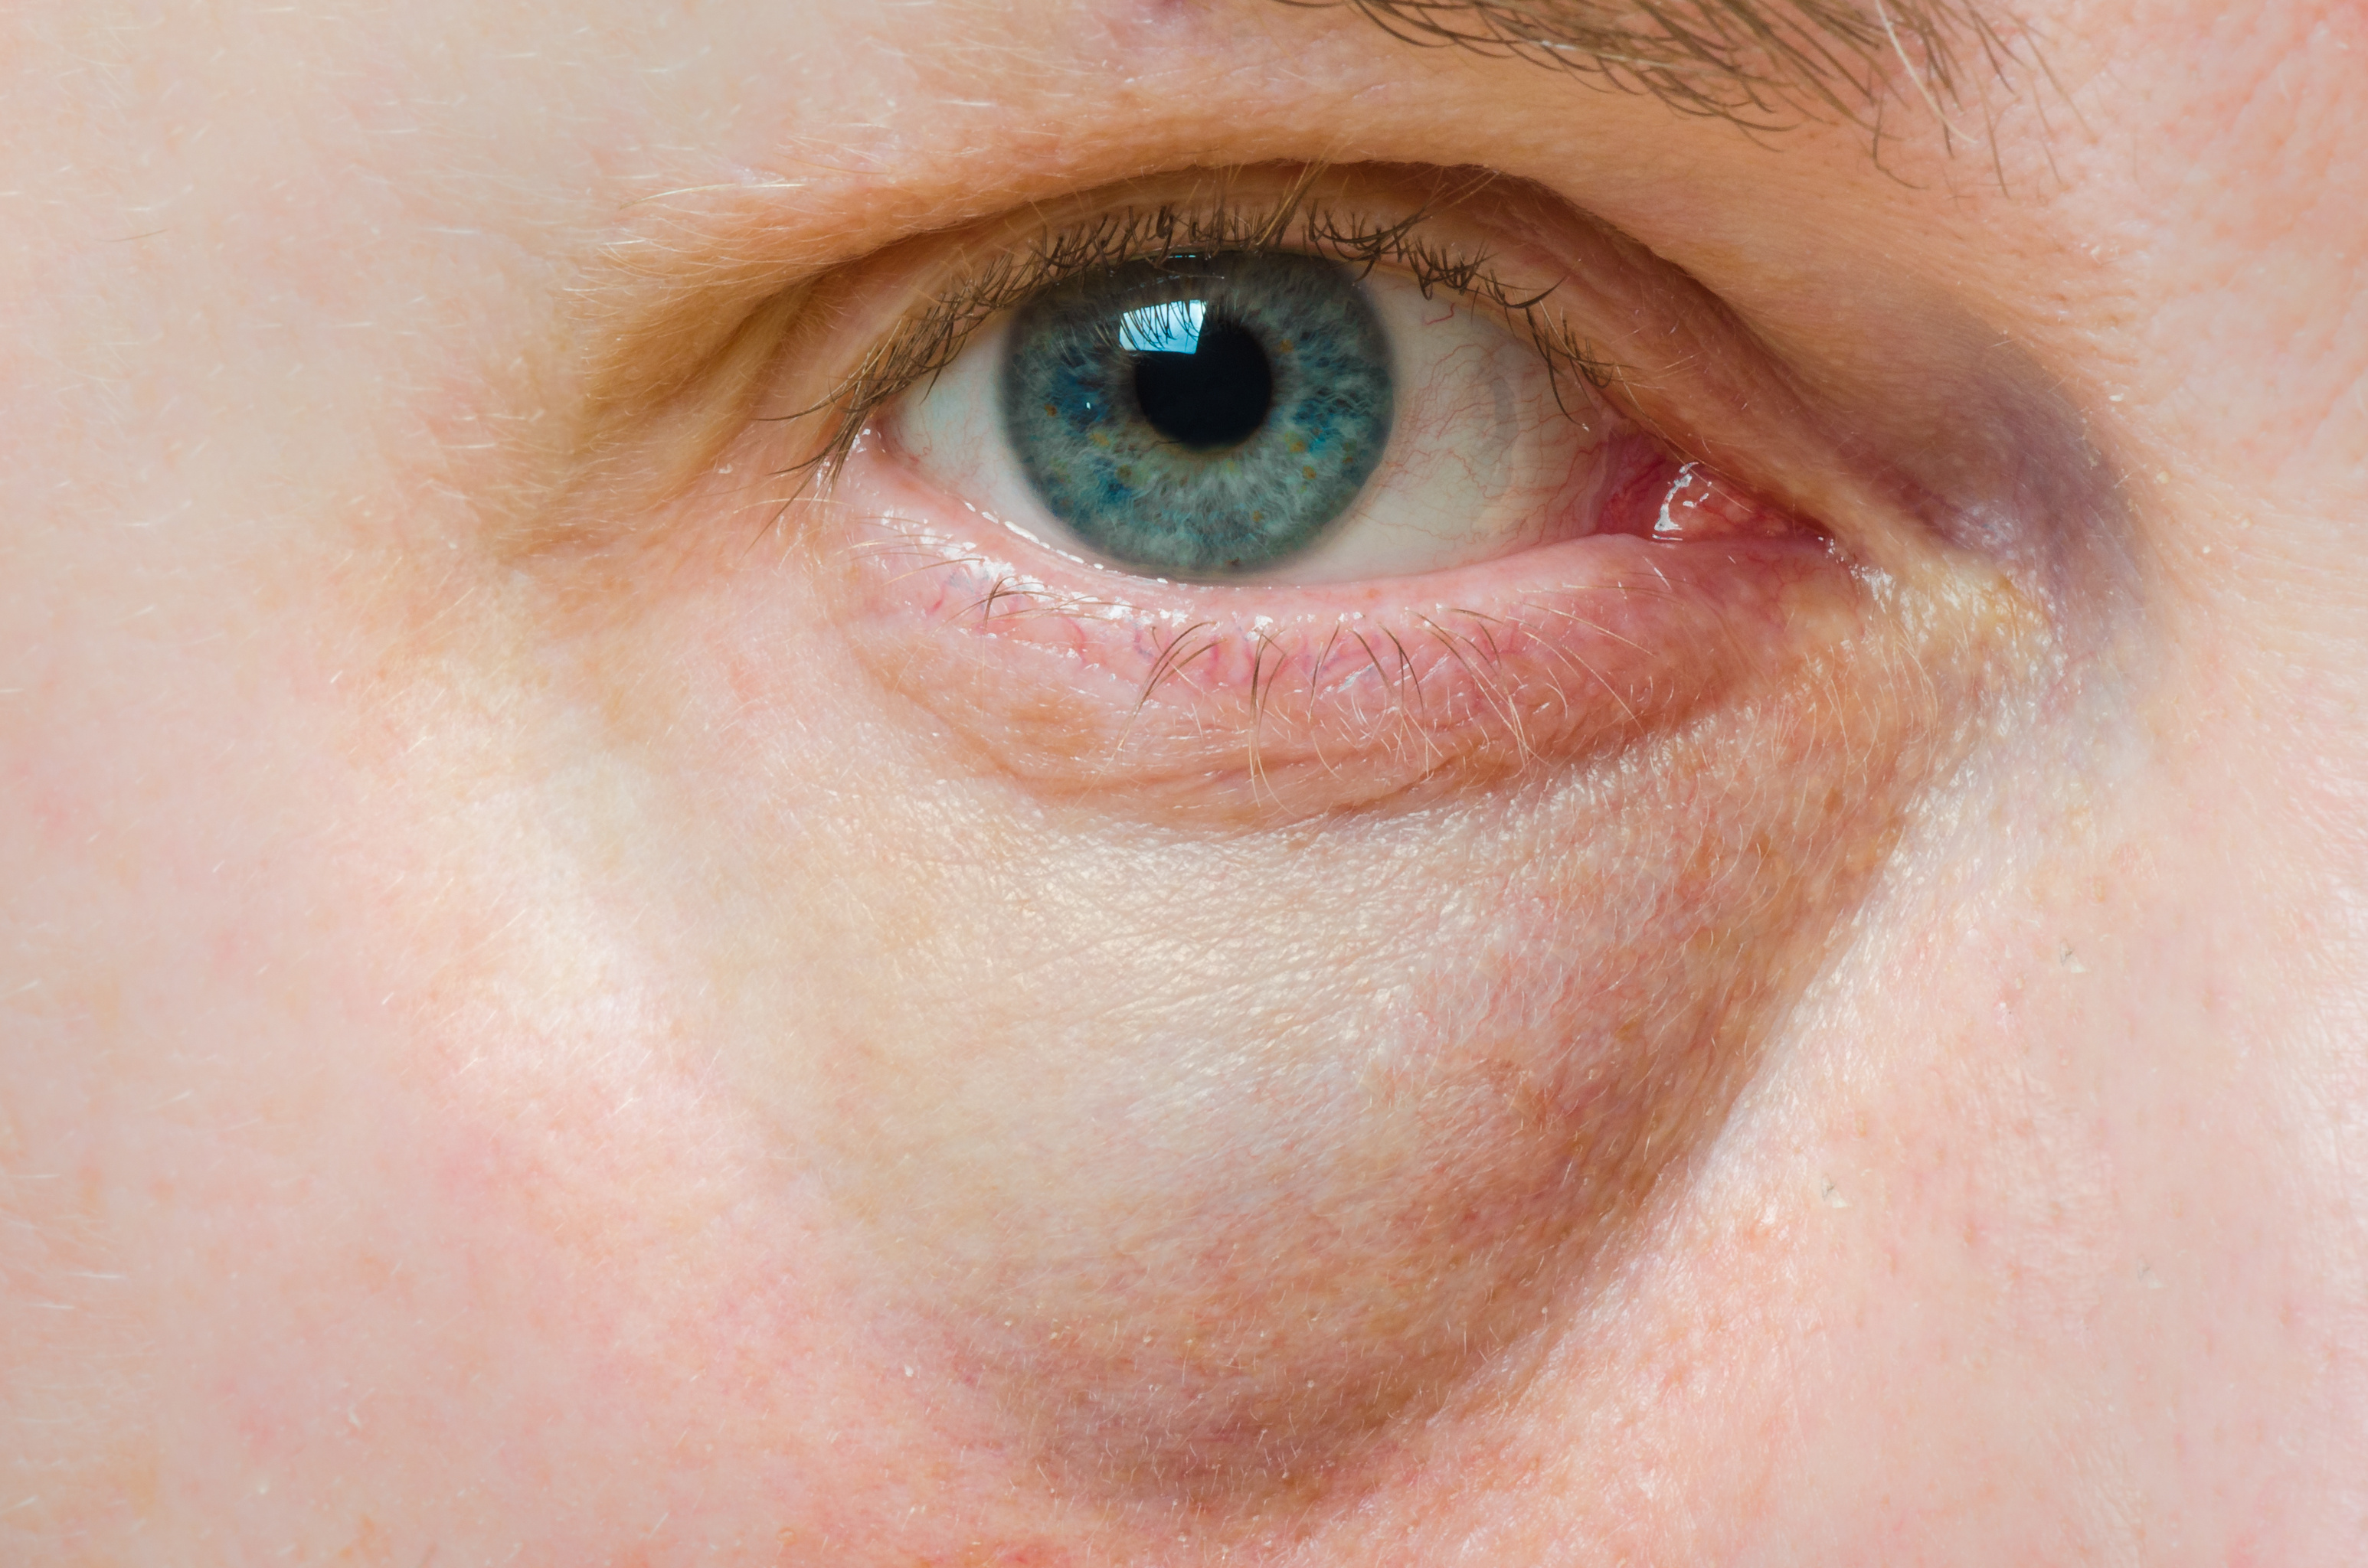 szemek vizes vörös foltok az arcon